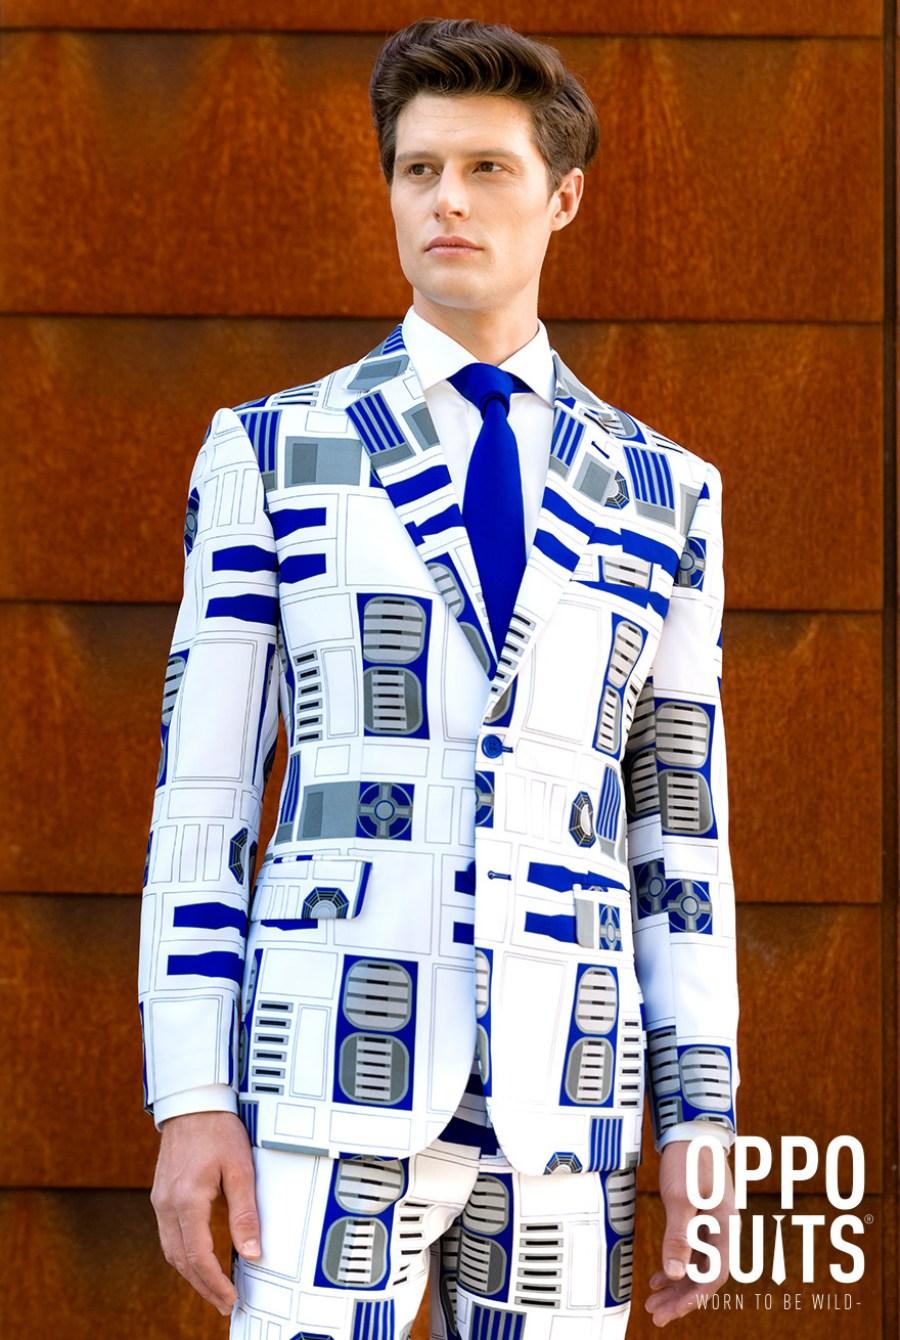 Tom's Selec - costume r2d2